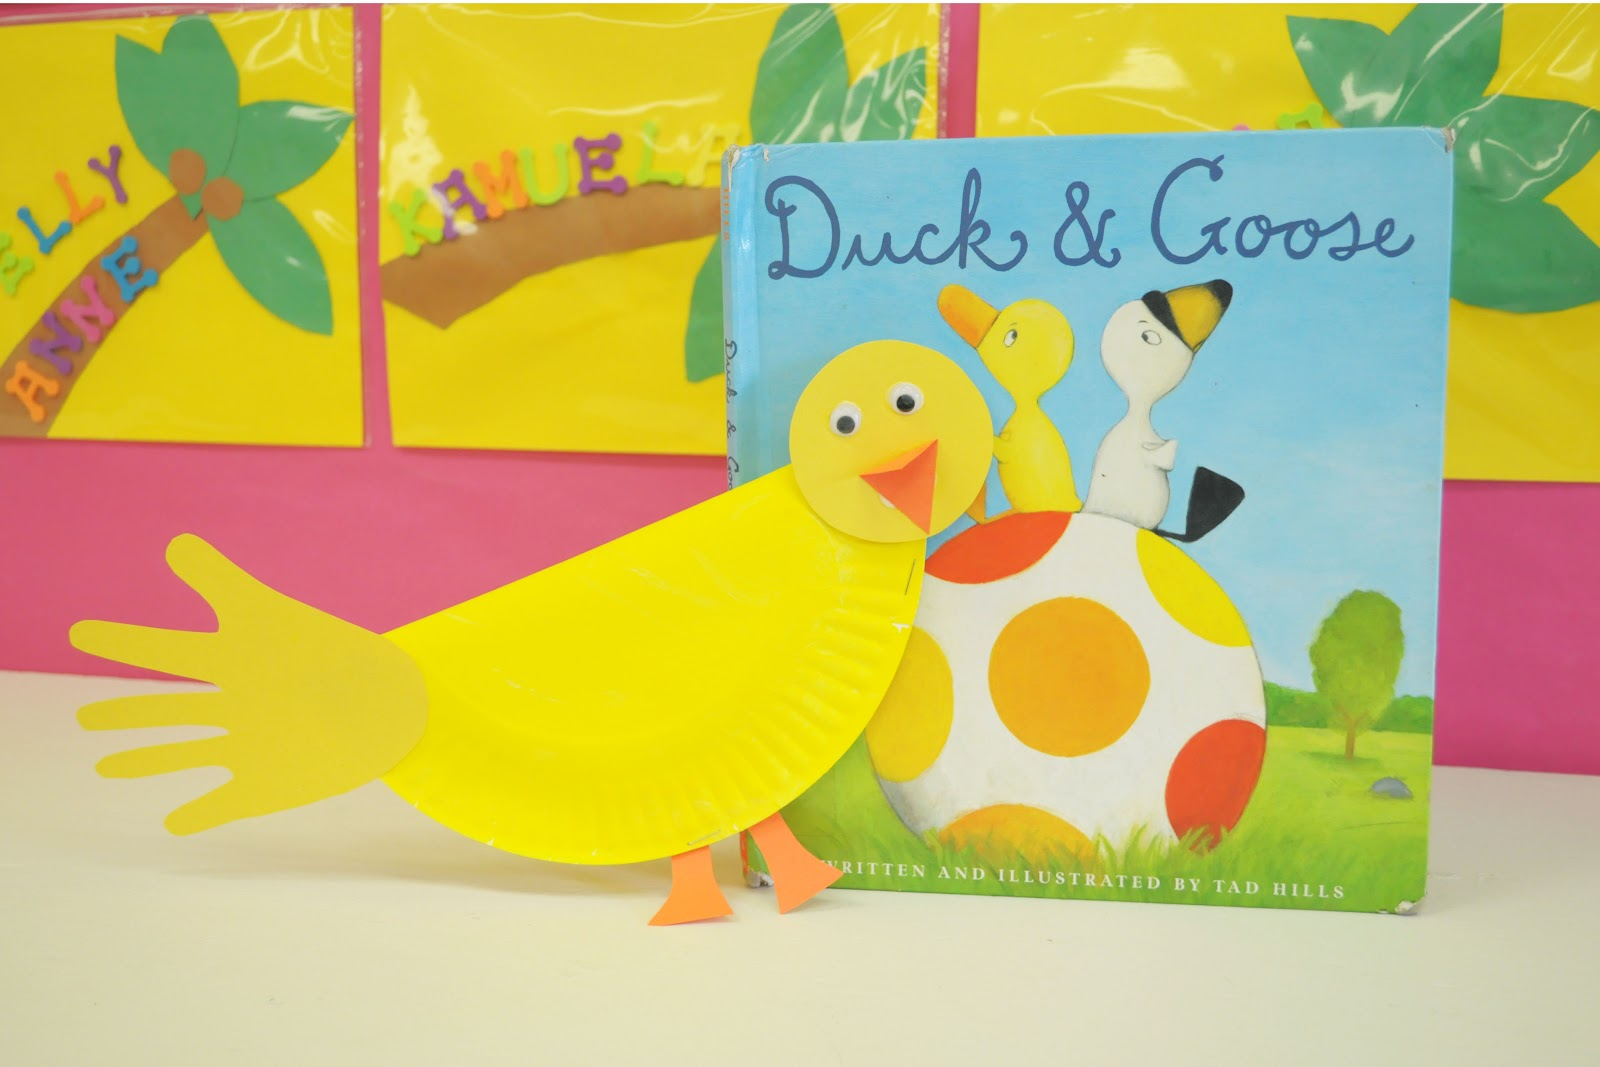 http://2.bp.blogspot.com/-mngKX5CbE3c/UC-e-pNf_lI/AAAAAAAABMc/PeLXwEILdb4/s1600/Color+Yellow+Duck.jpg